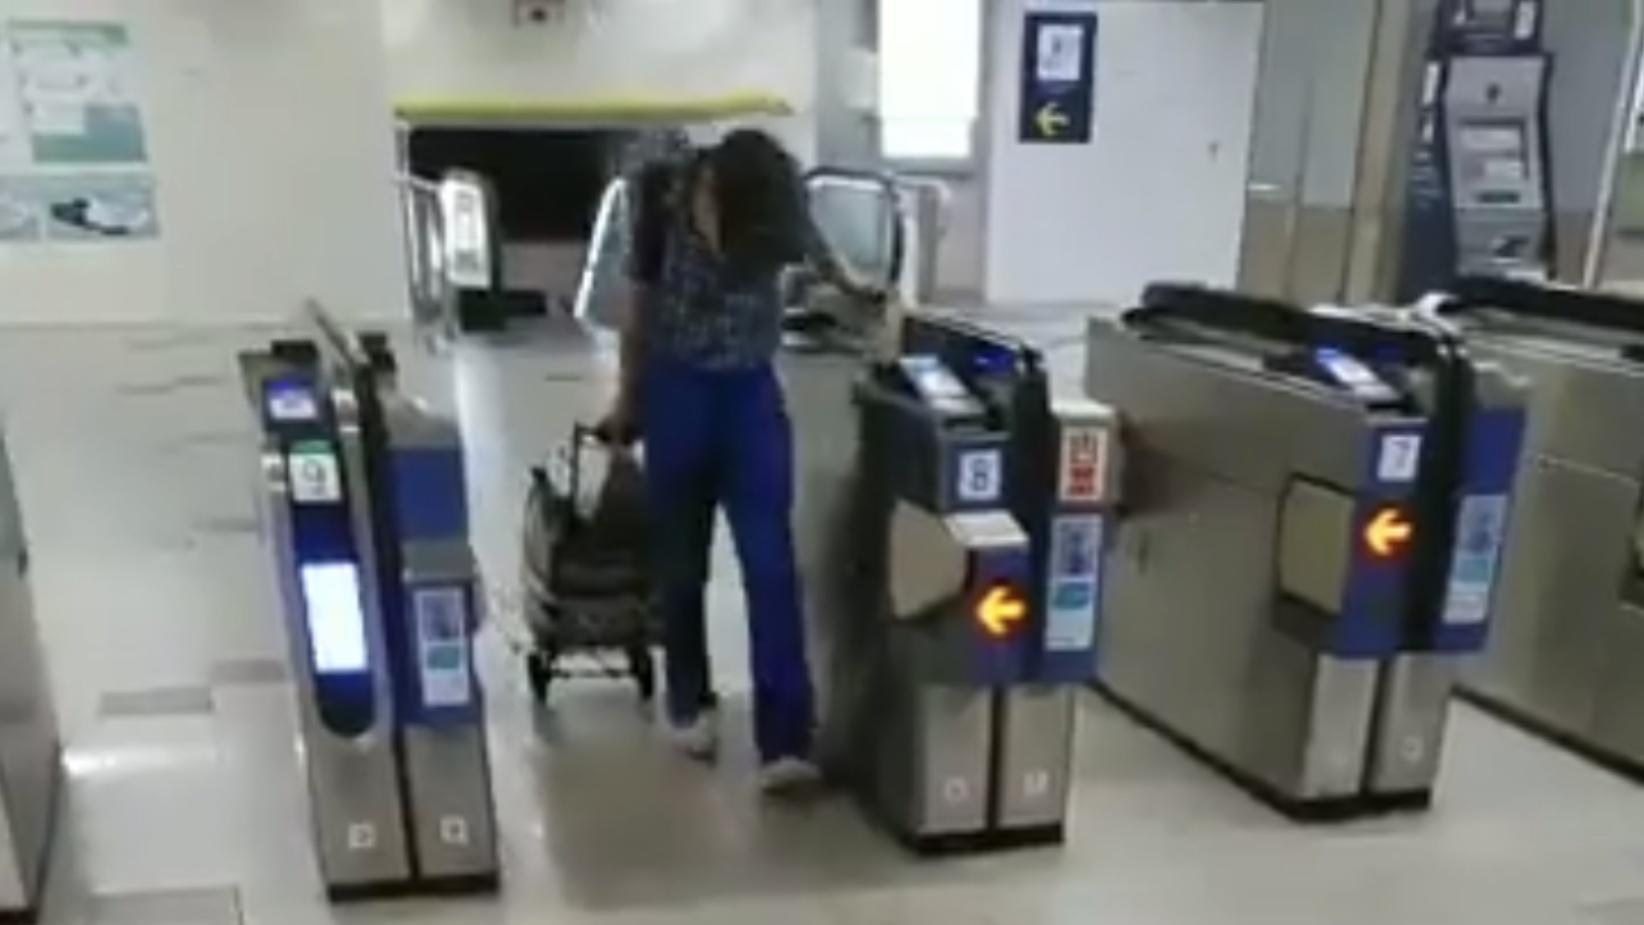 【不正は鉄道ファンだけではない】高齢男性が改札機のセンサーを本で隠して無賃乗車 慣れた手つきで常習的な犯行